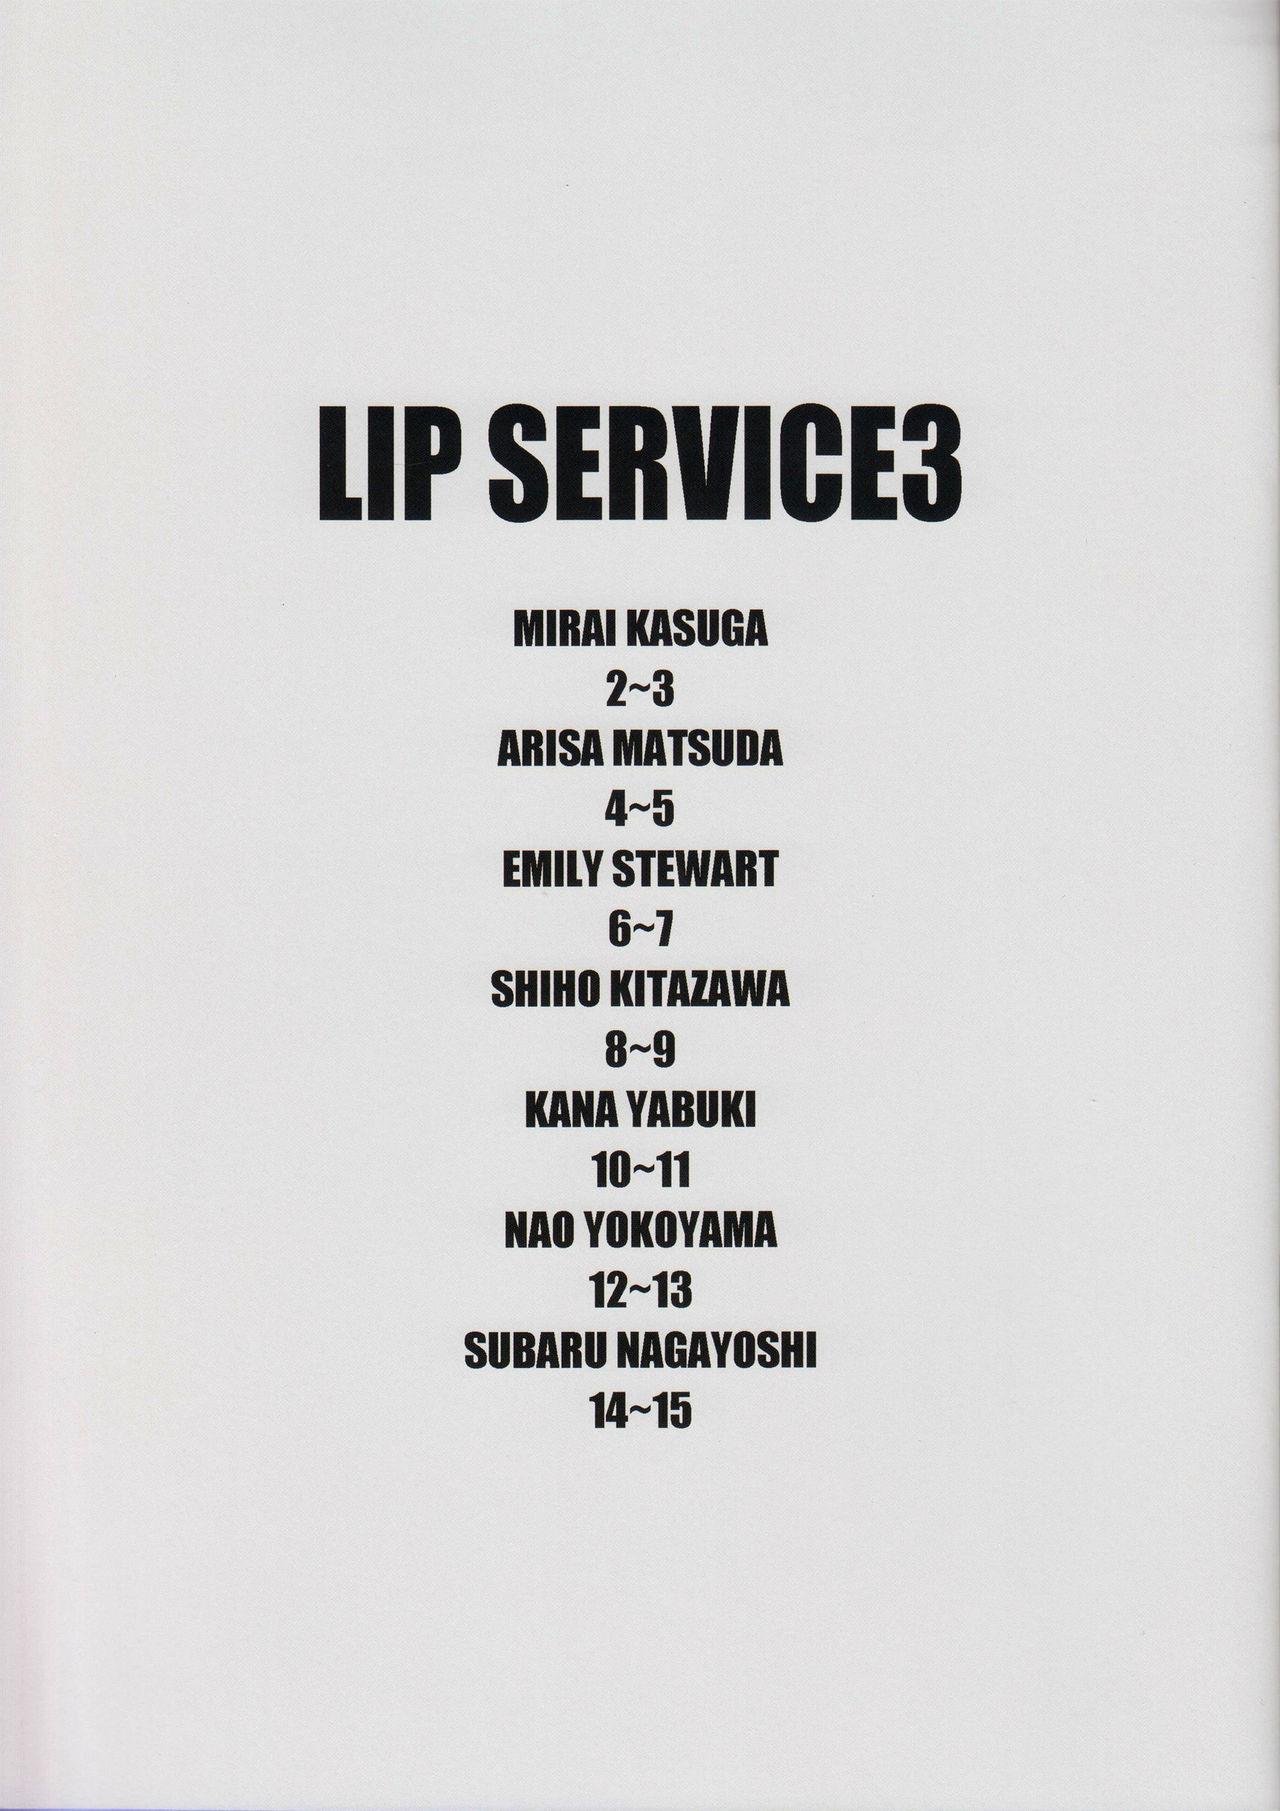 LIP SERVICE3 1